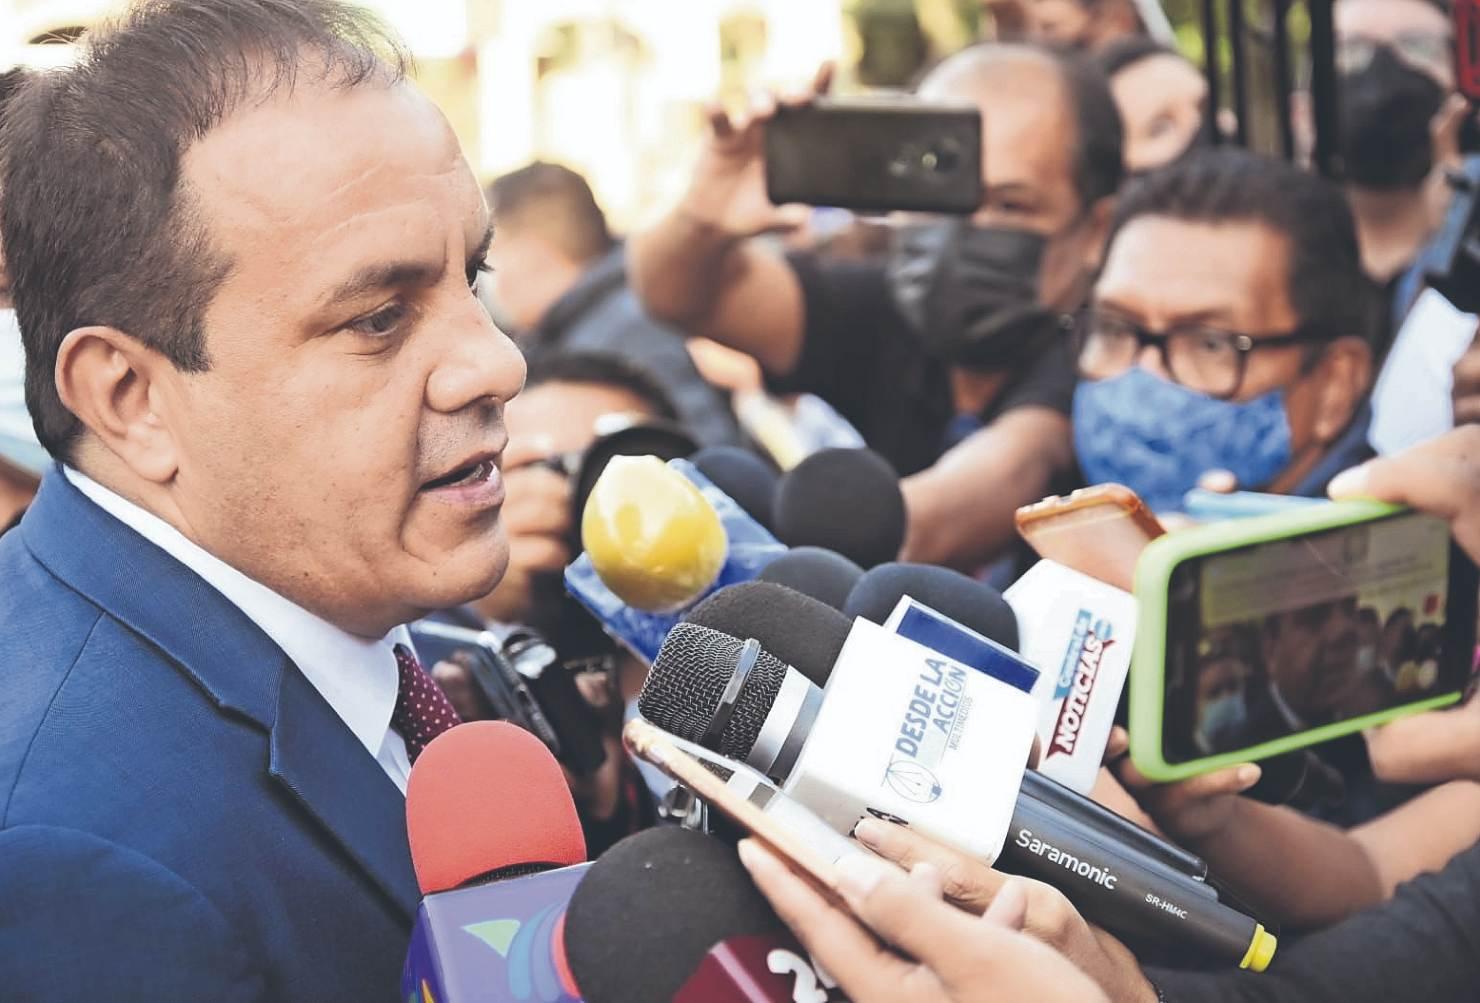 Gobernador de Morelos desmiente estar involucrado en actos de lavado de dinero